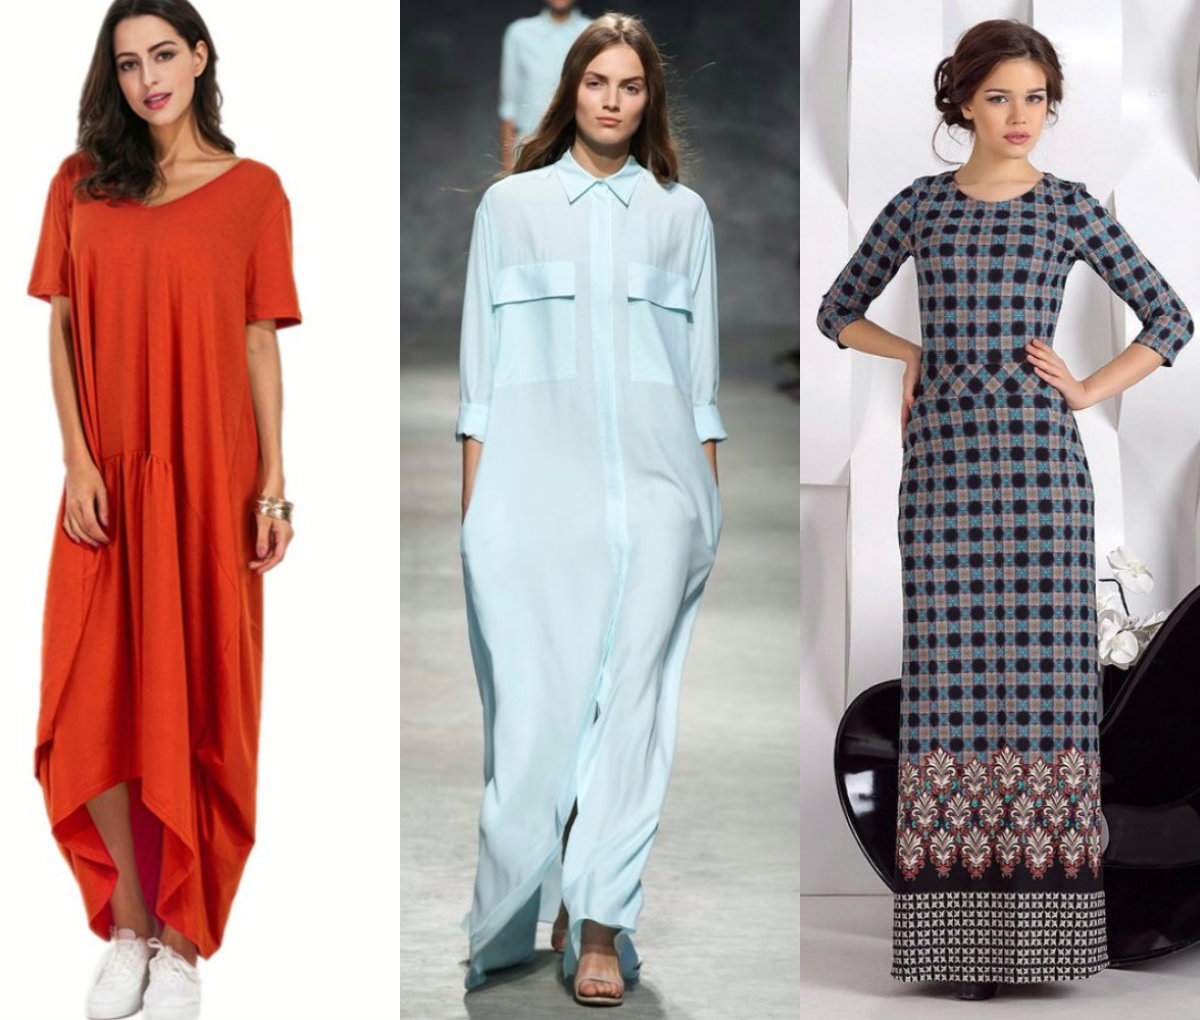 модные тенденции платьев 2019: мадели макси